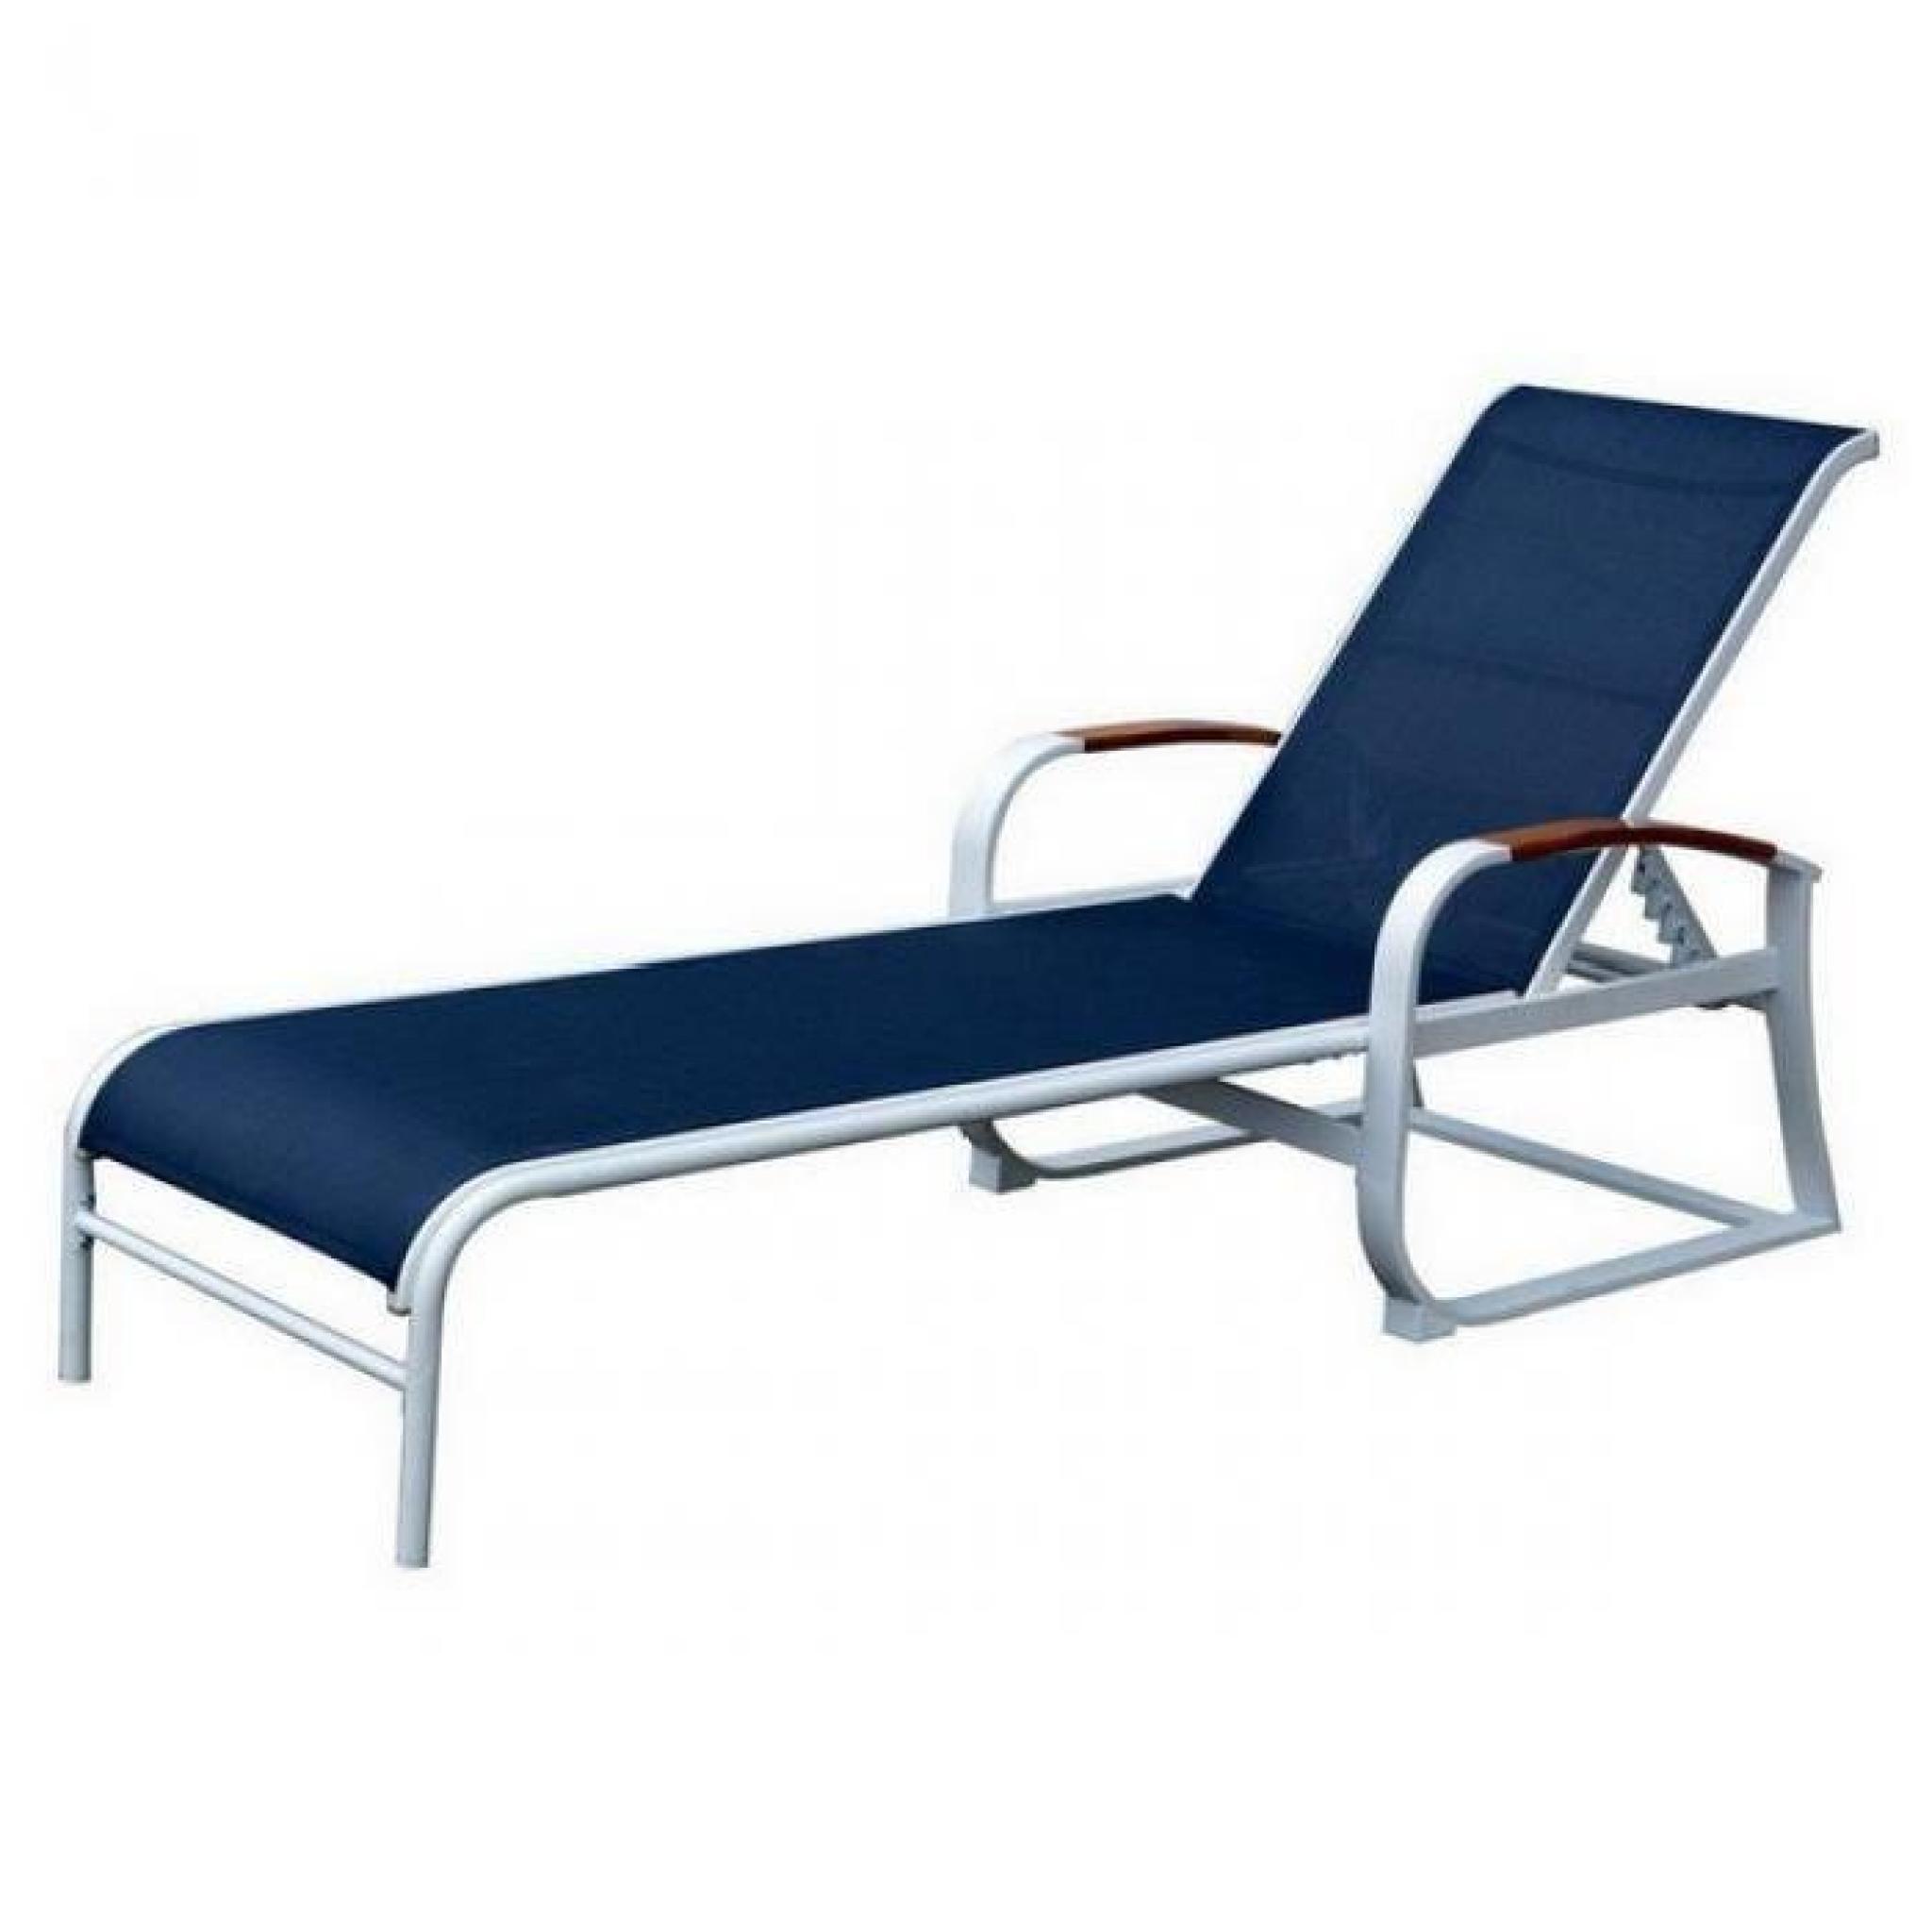 Longue chaise jardin empilable acier tube chaise achat - Chaise longue de jardin pas cher ...